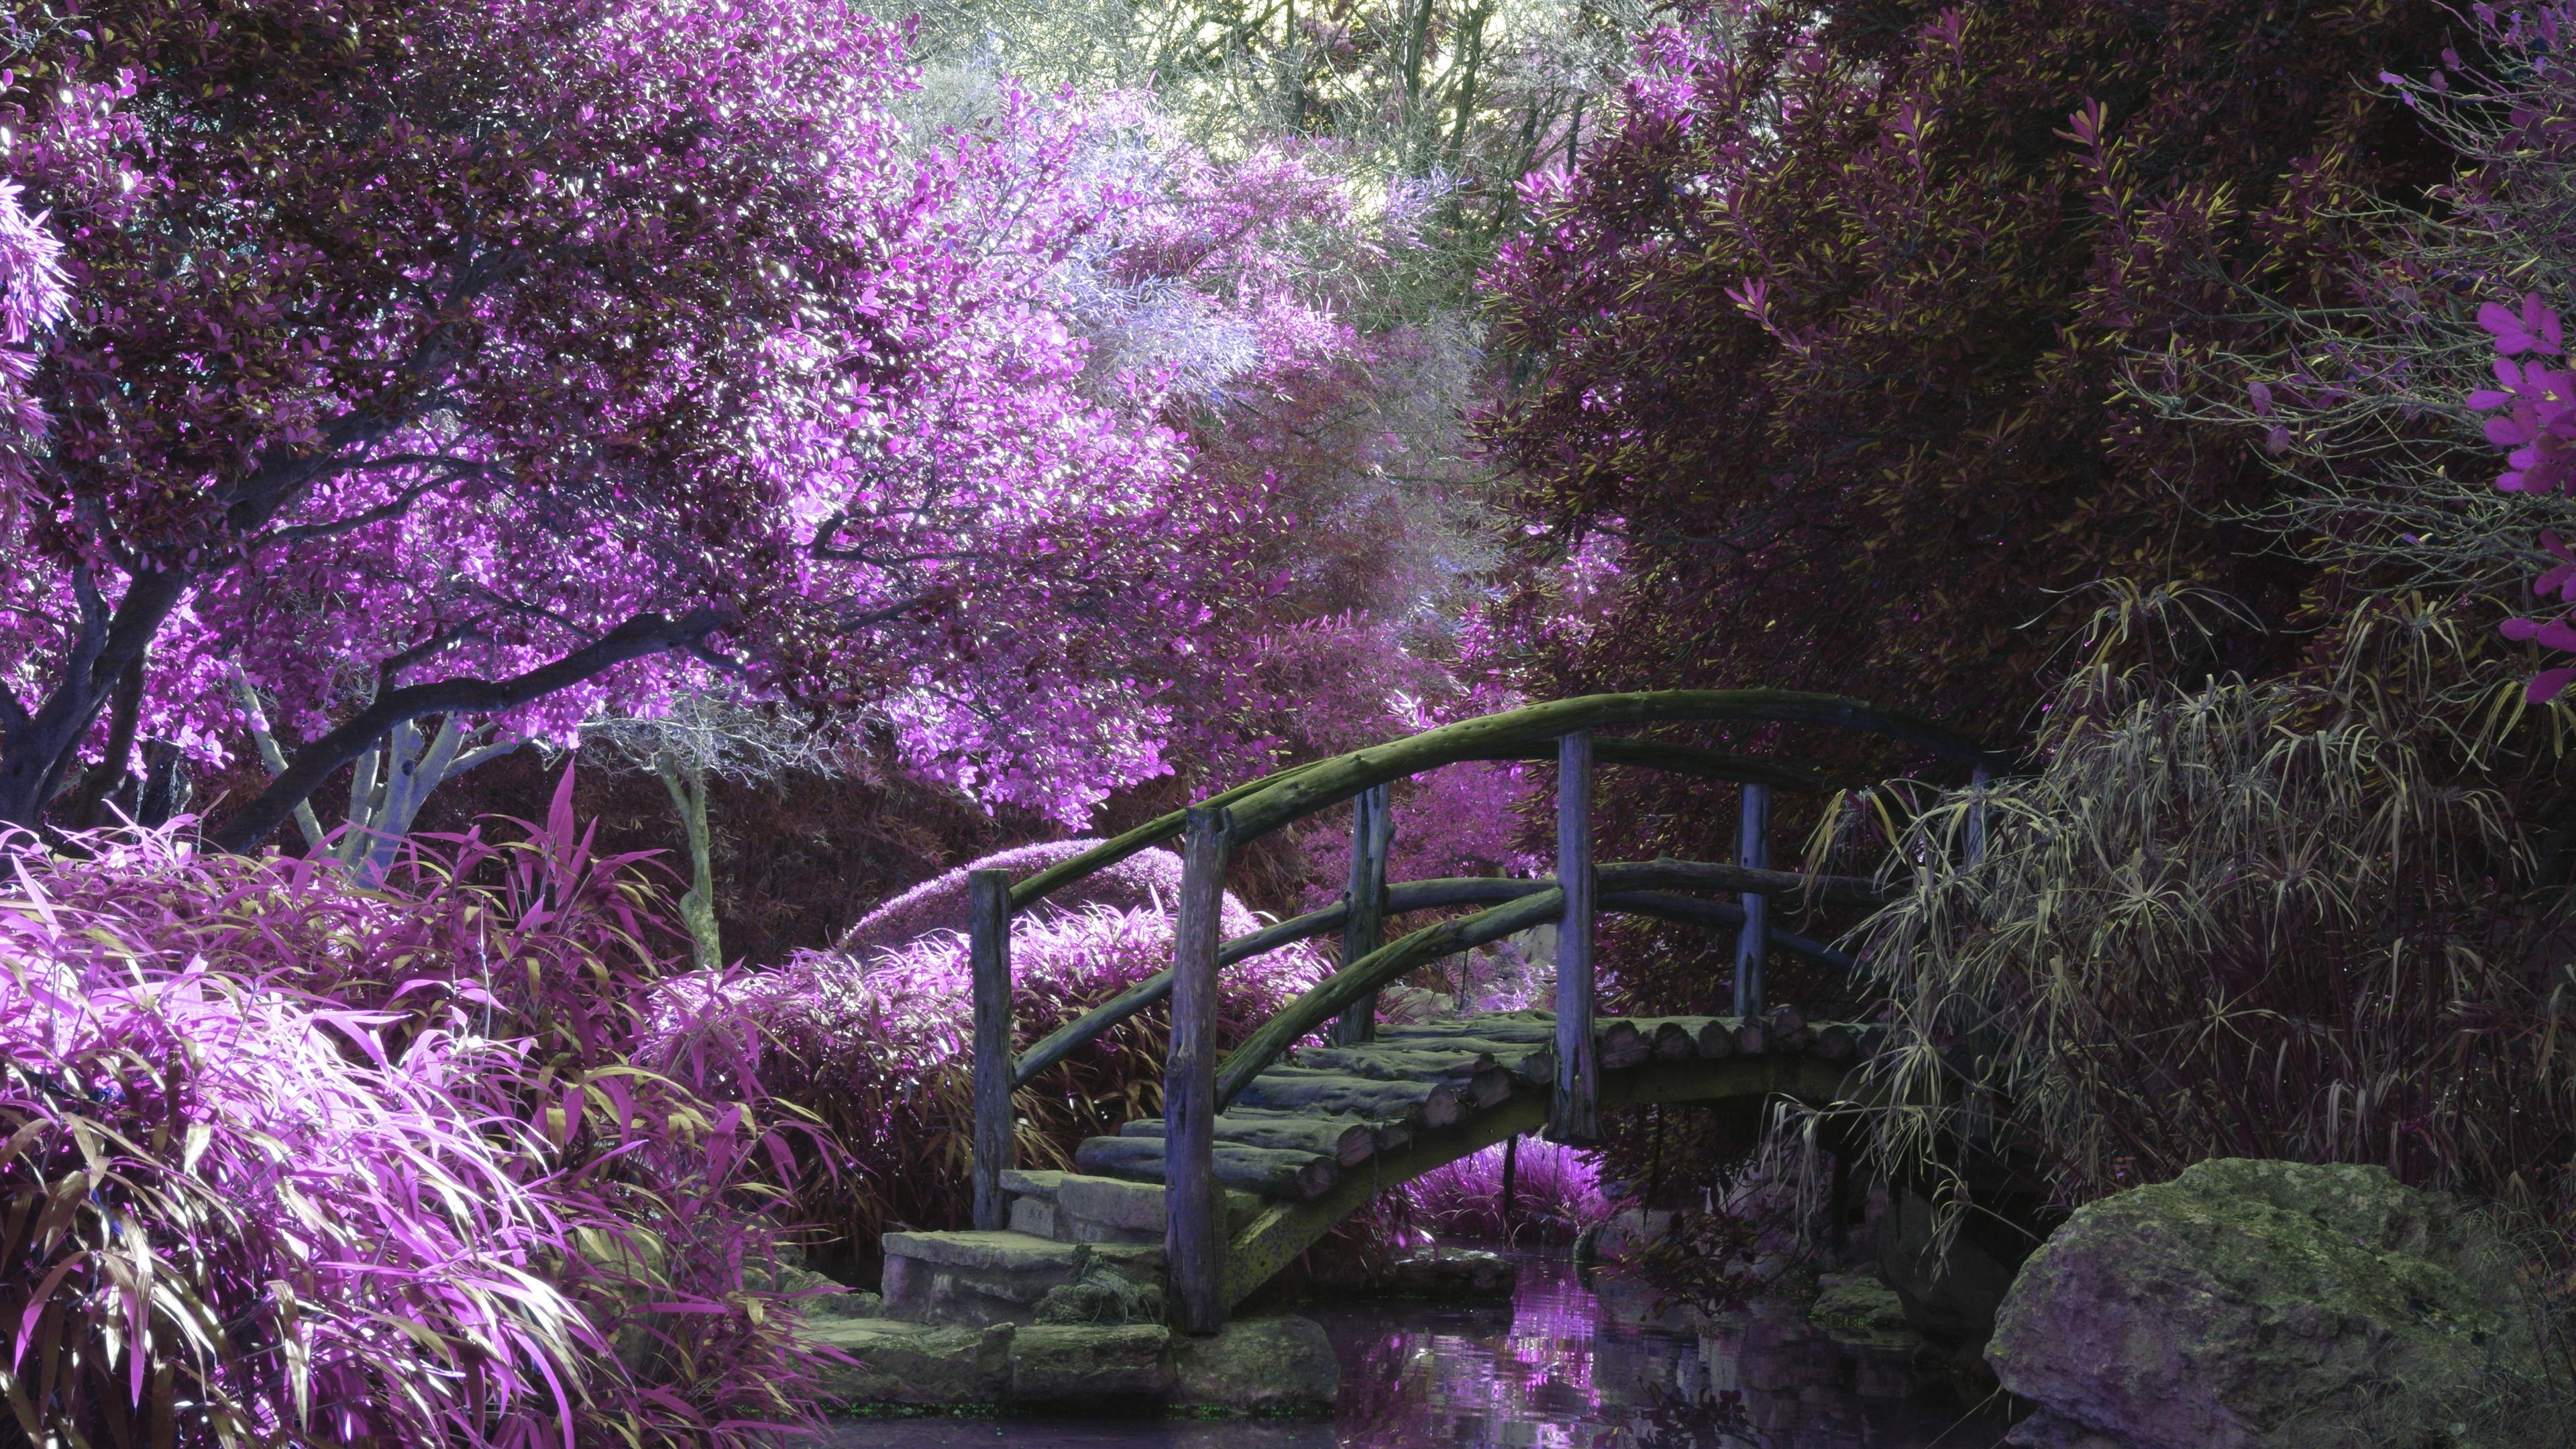 magical garden 4k 1551643691 - Magical Garden 4k - photography wallpapers, nature wallpapers, hd-wallpapers, 4k-wallpapers